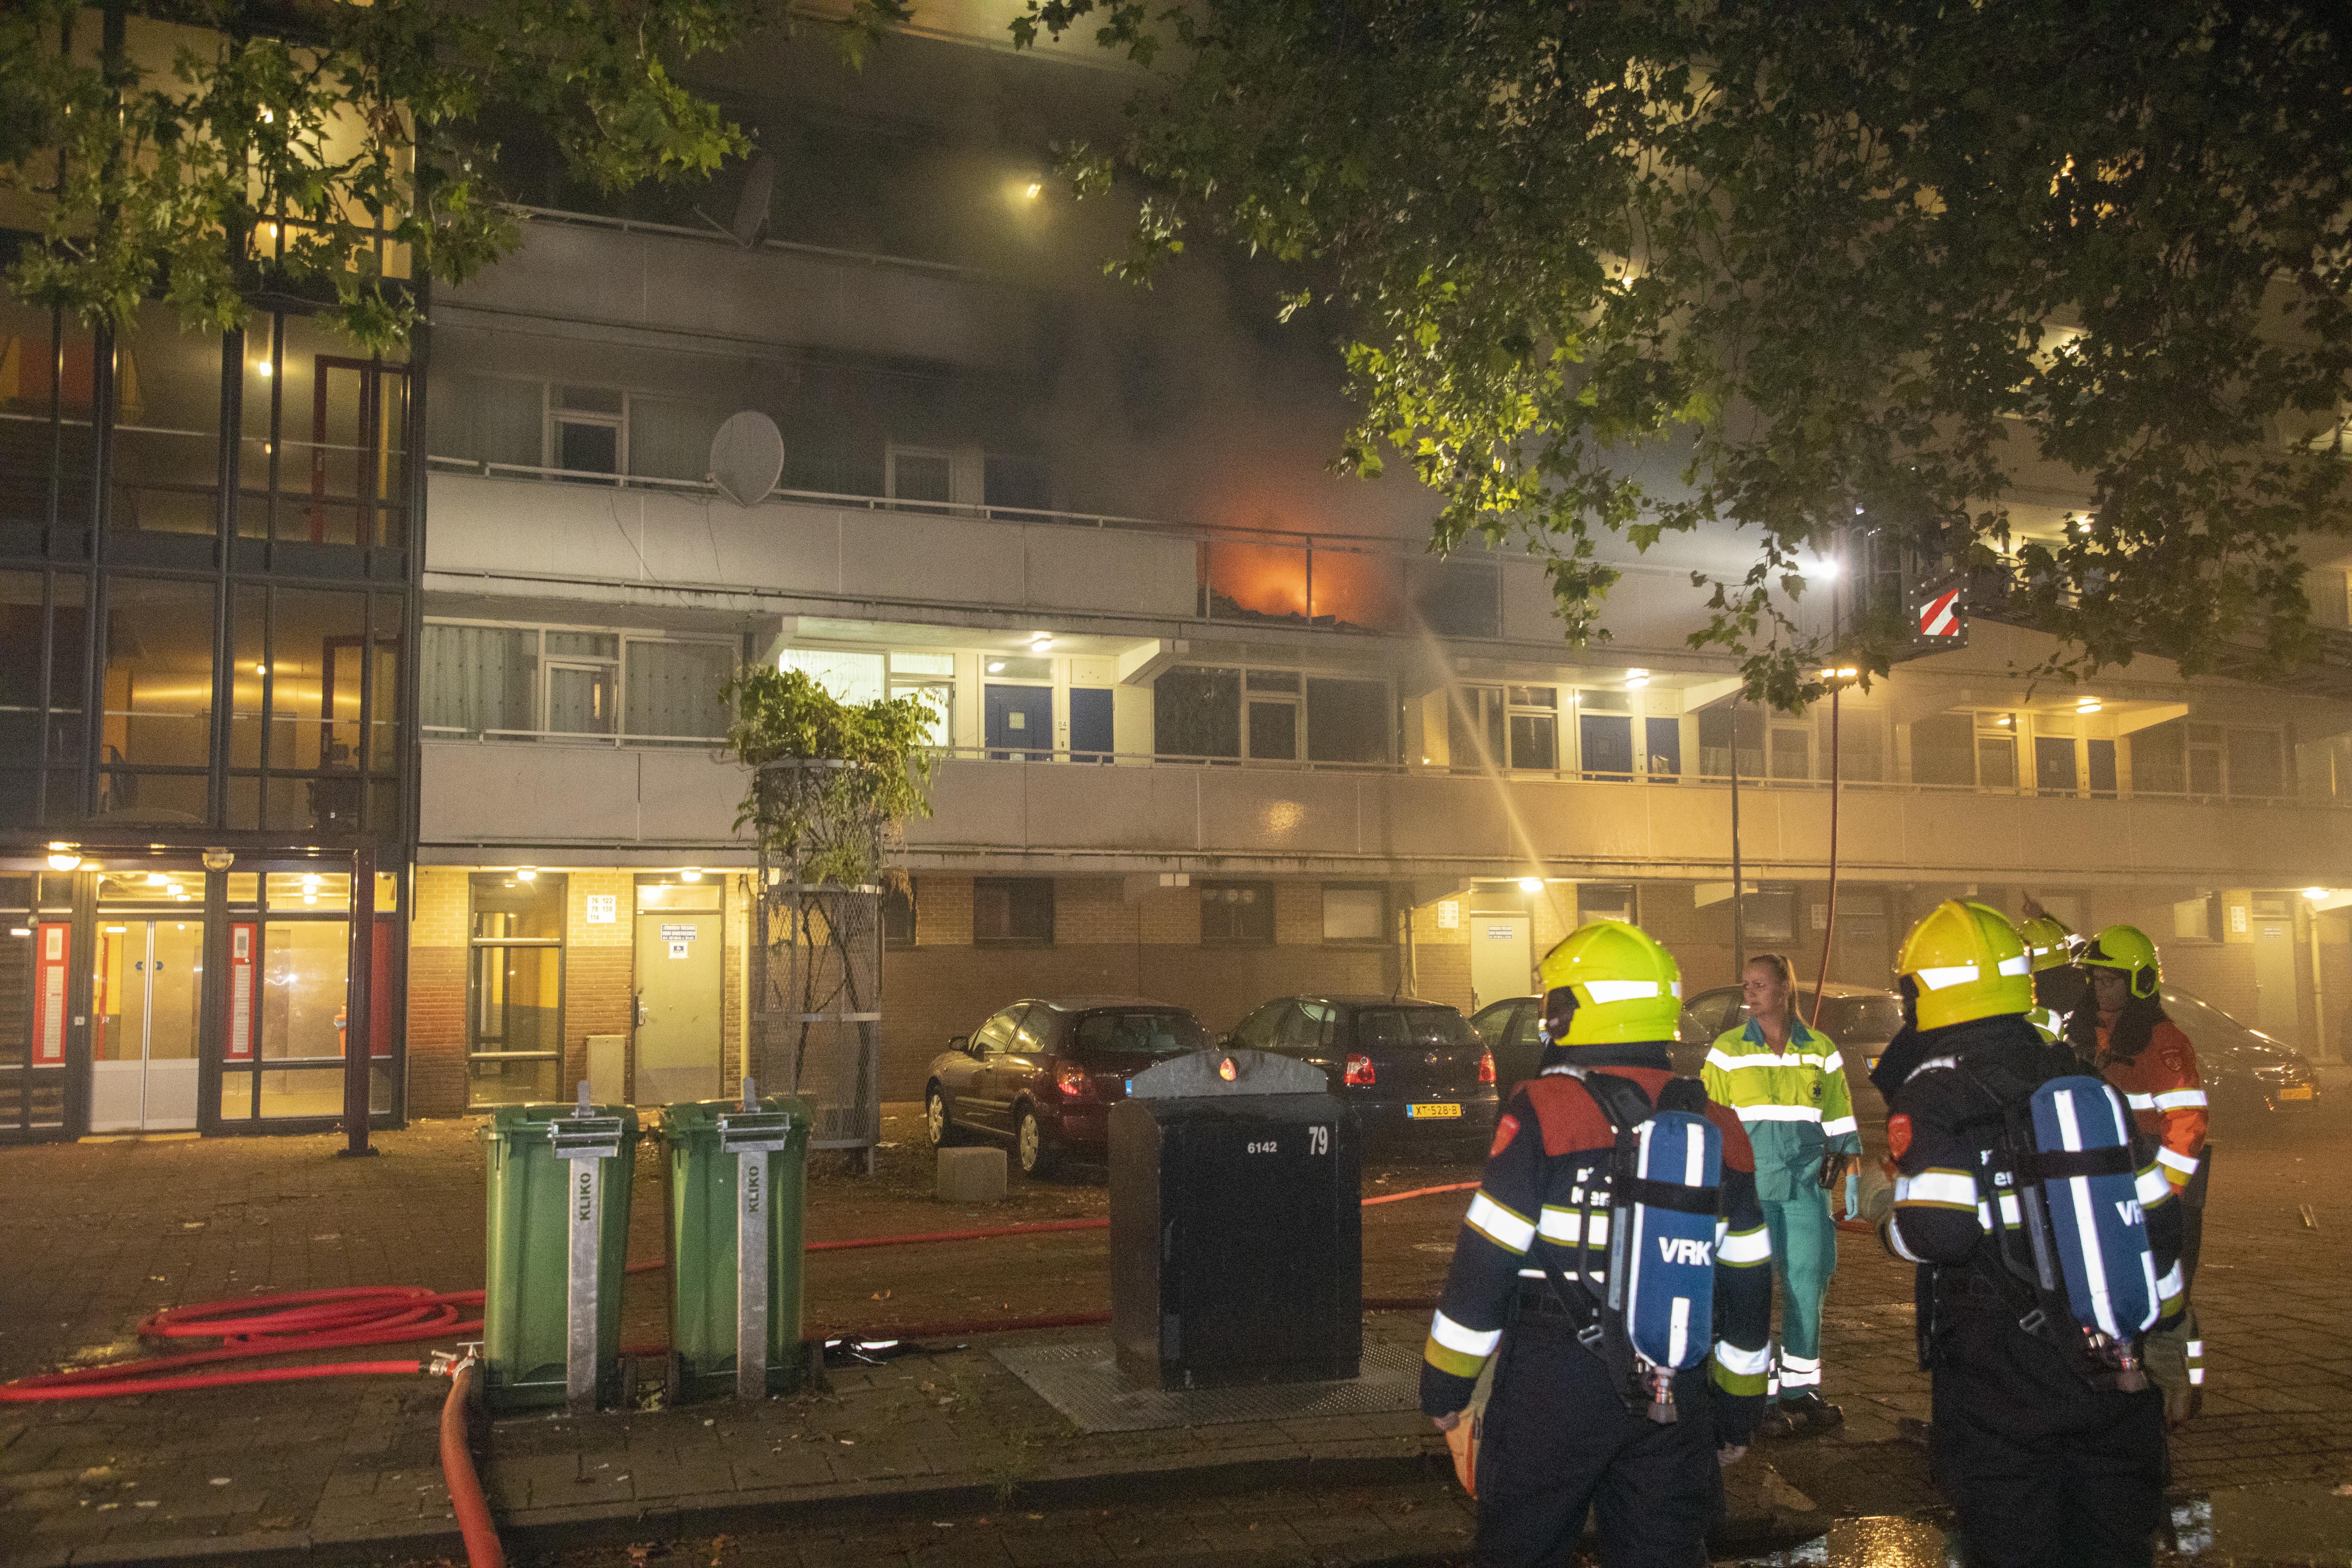 Live uit de rechtszaal: Dag twee van de rechtszaak tegen man die volgens OM zijn zwangere vrouw wurgde en flat in brand stak, Haarlemmer hoort strafeis